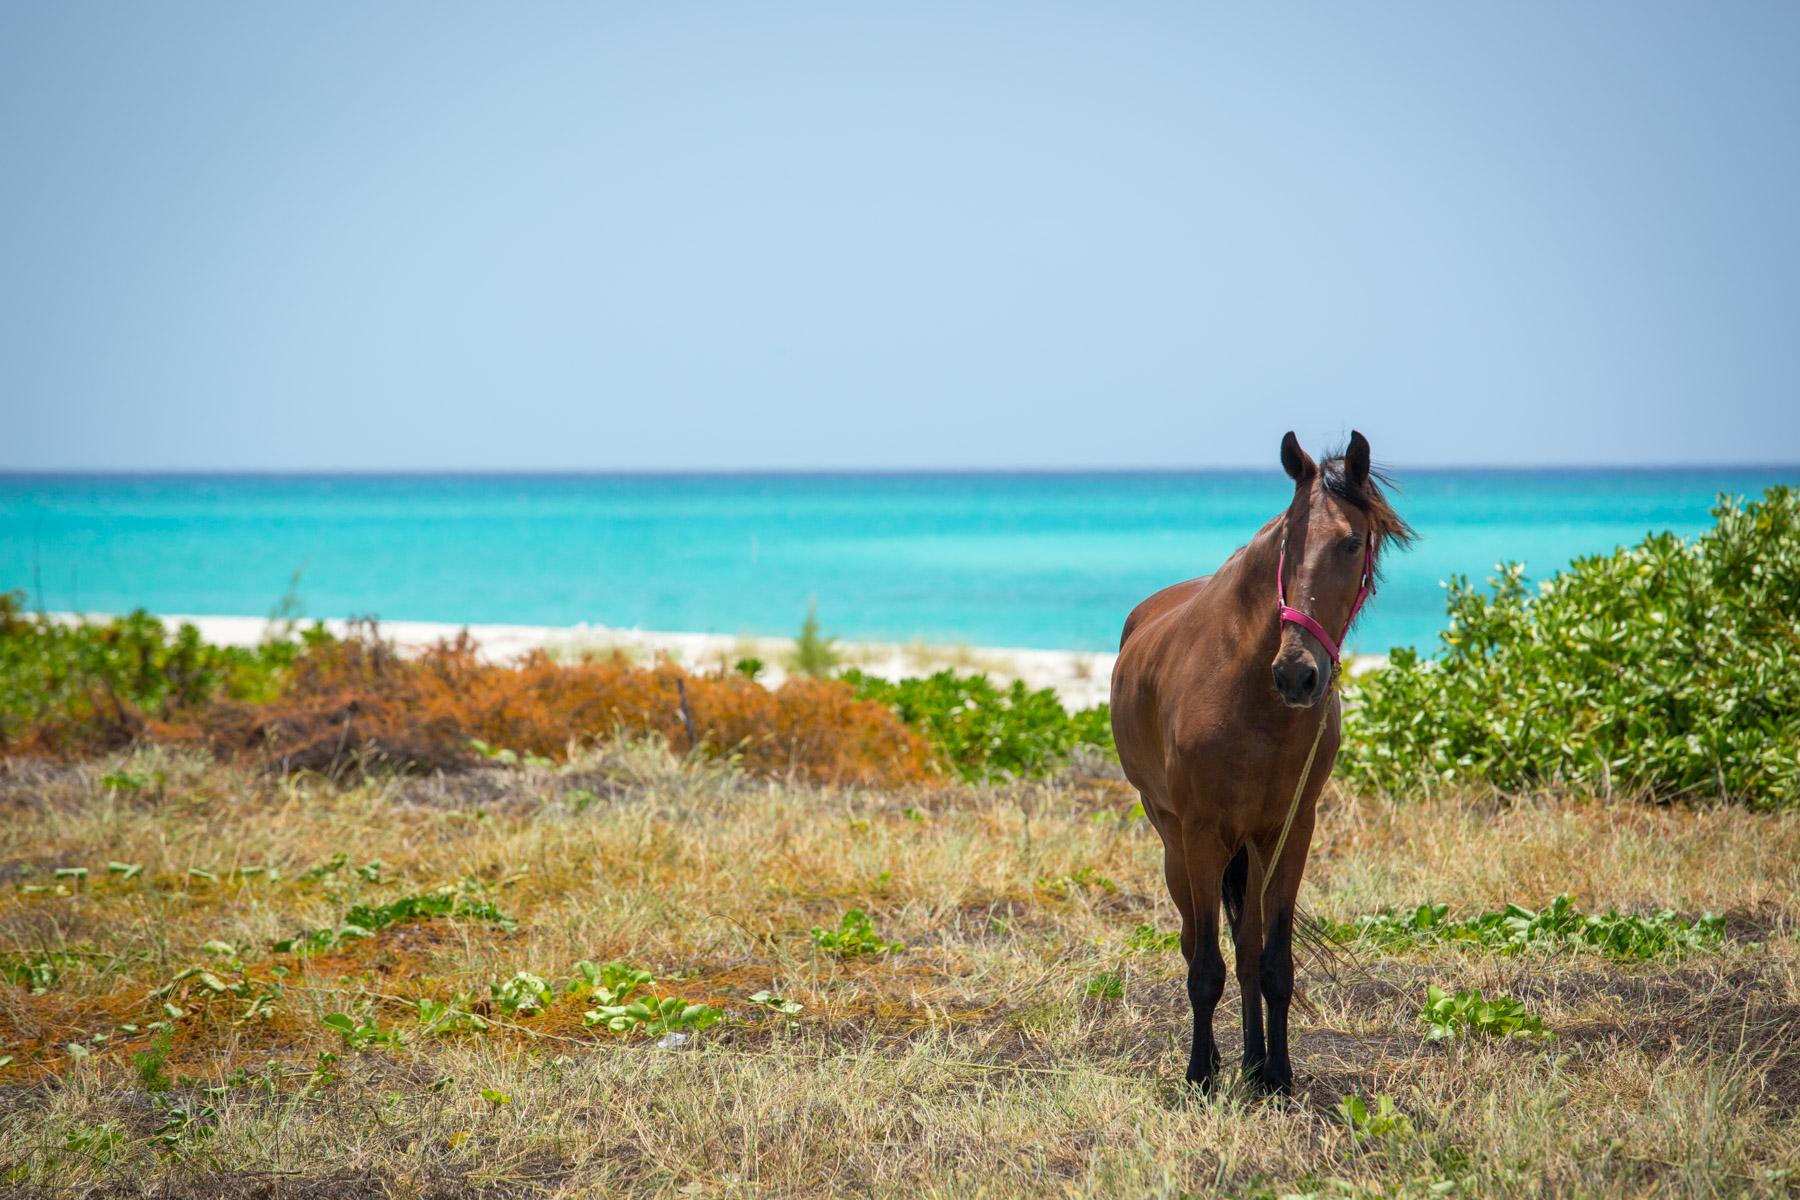 Horse on a island the bahamas